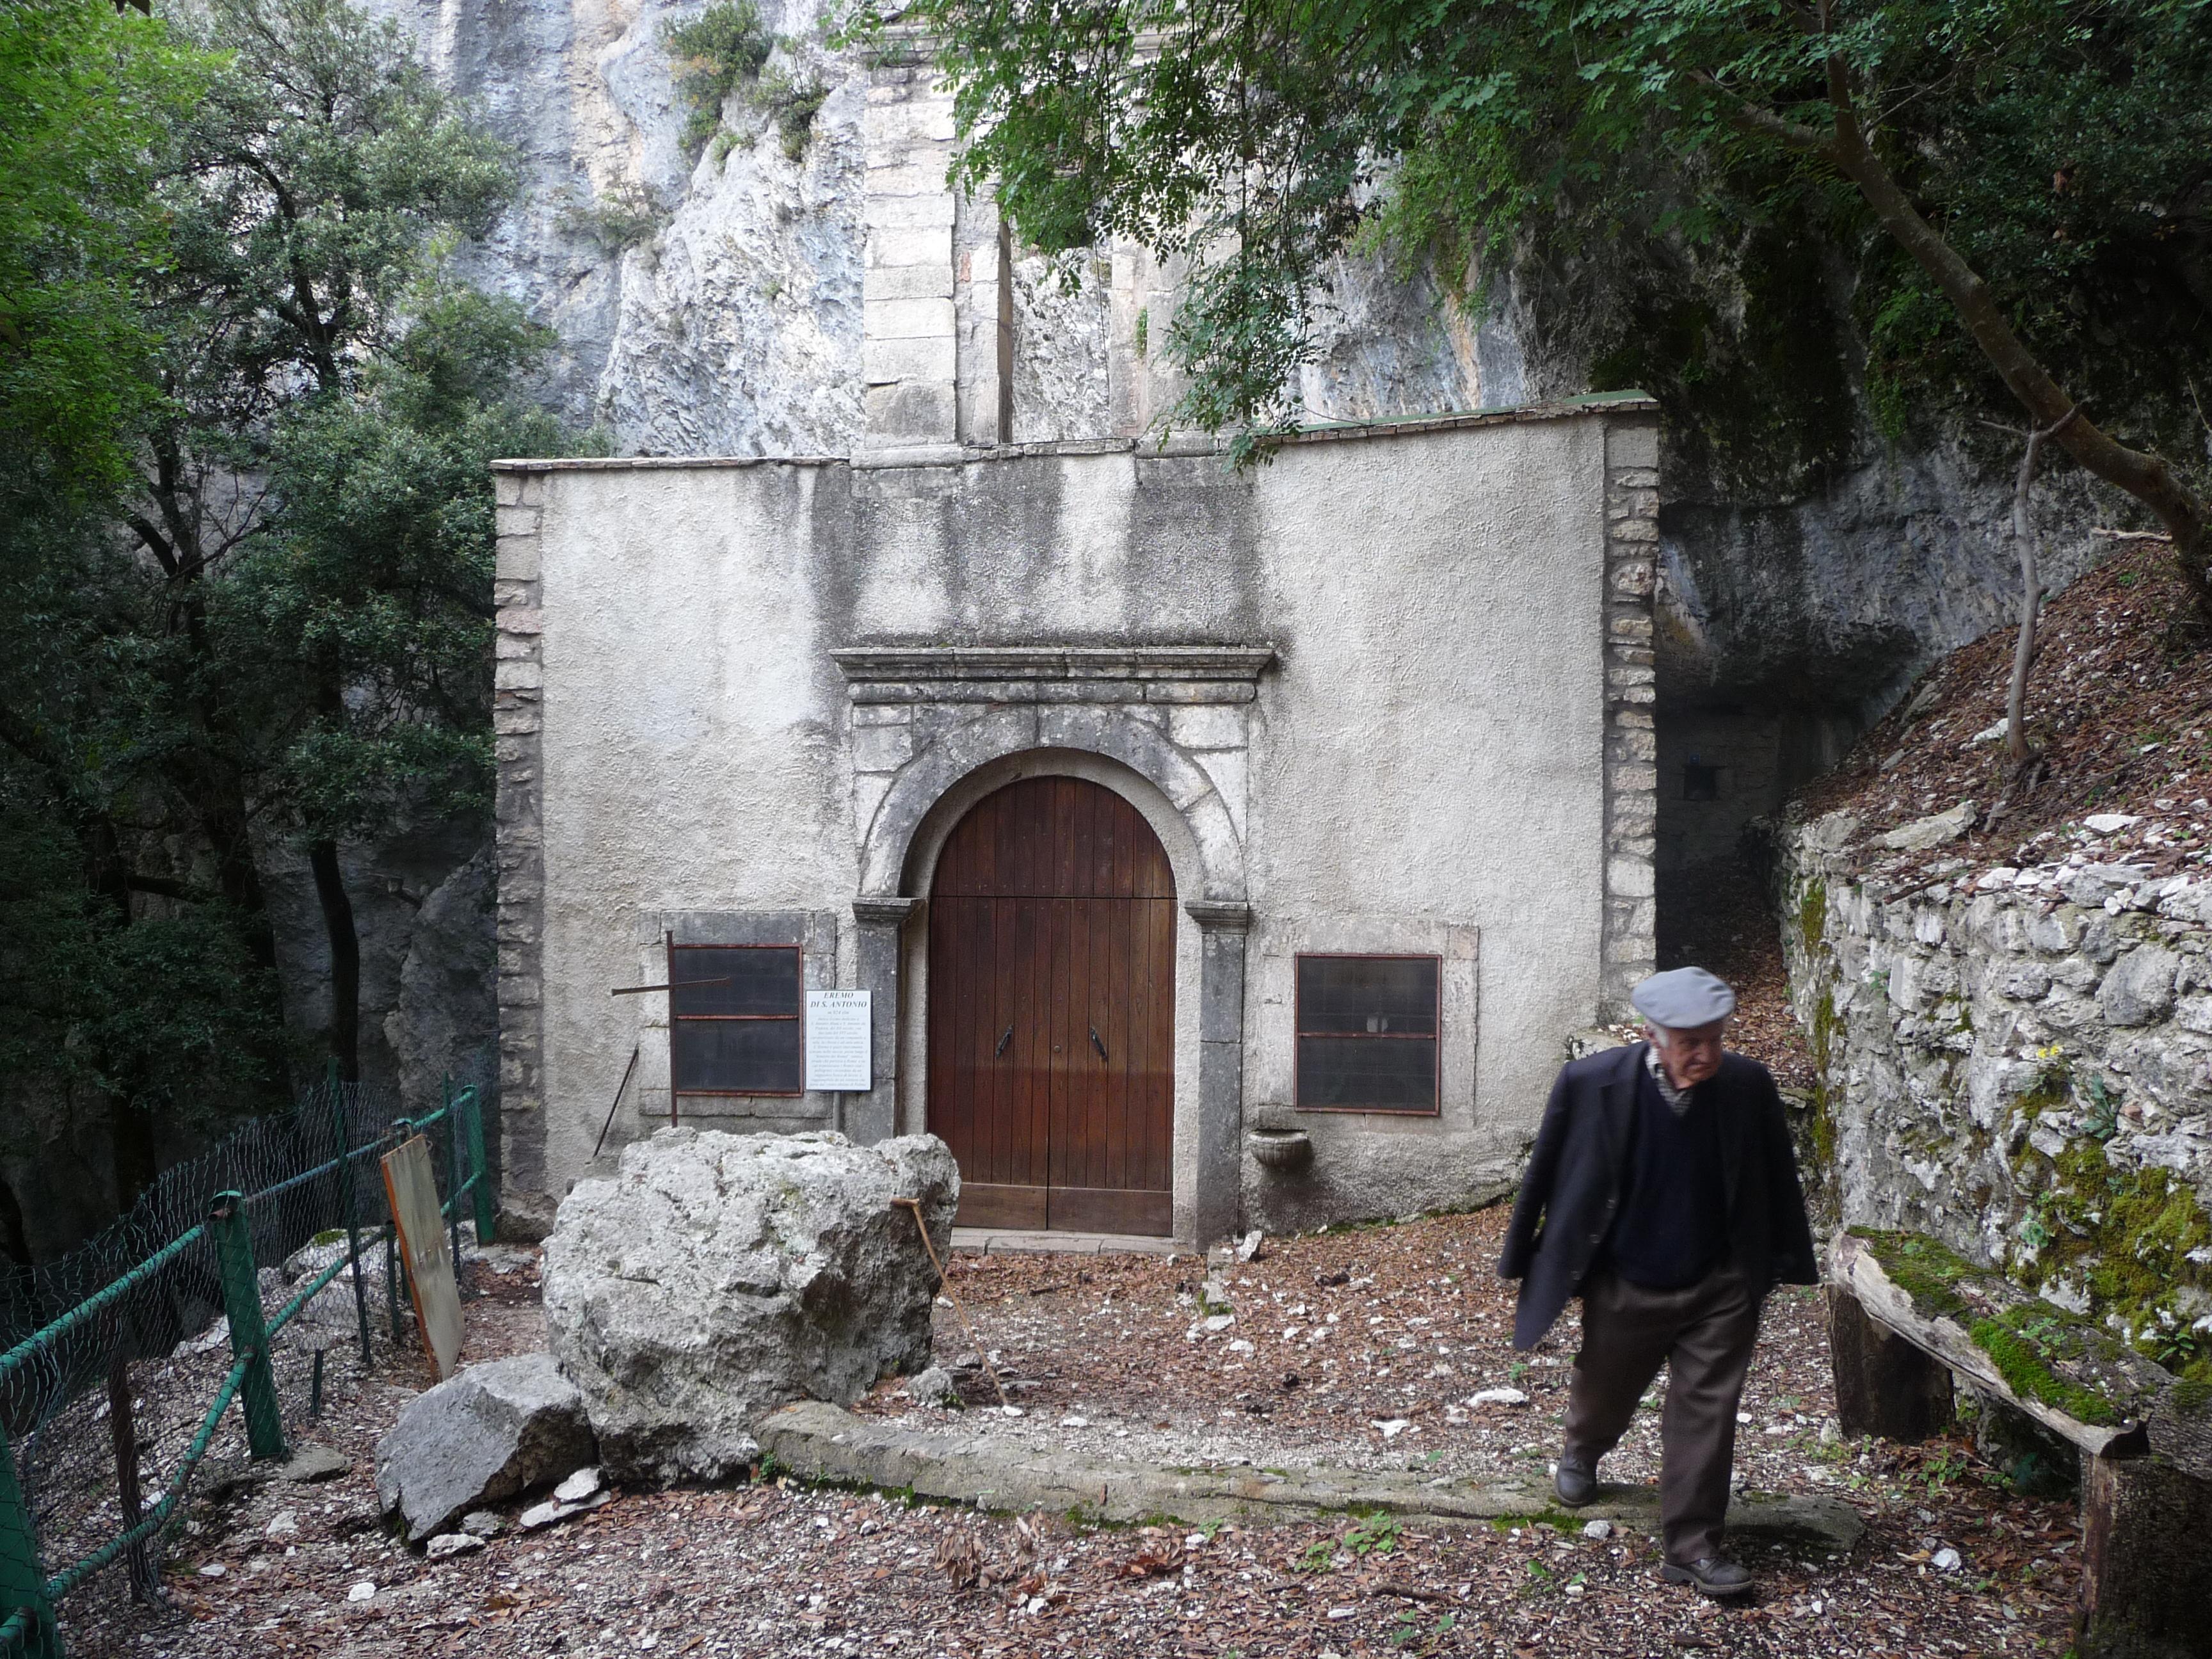 Curarsi con le pietre, i santuari terapeutici in Appennino